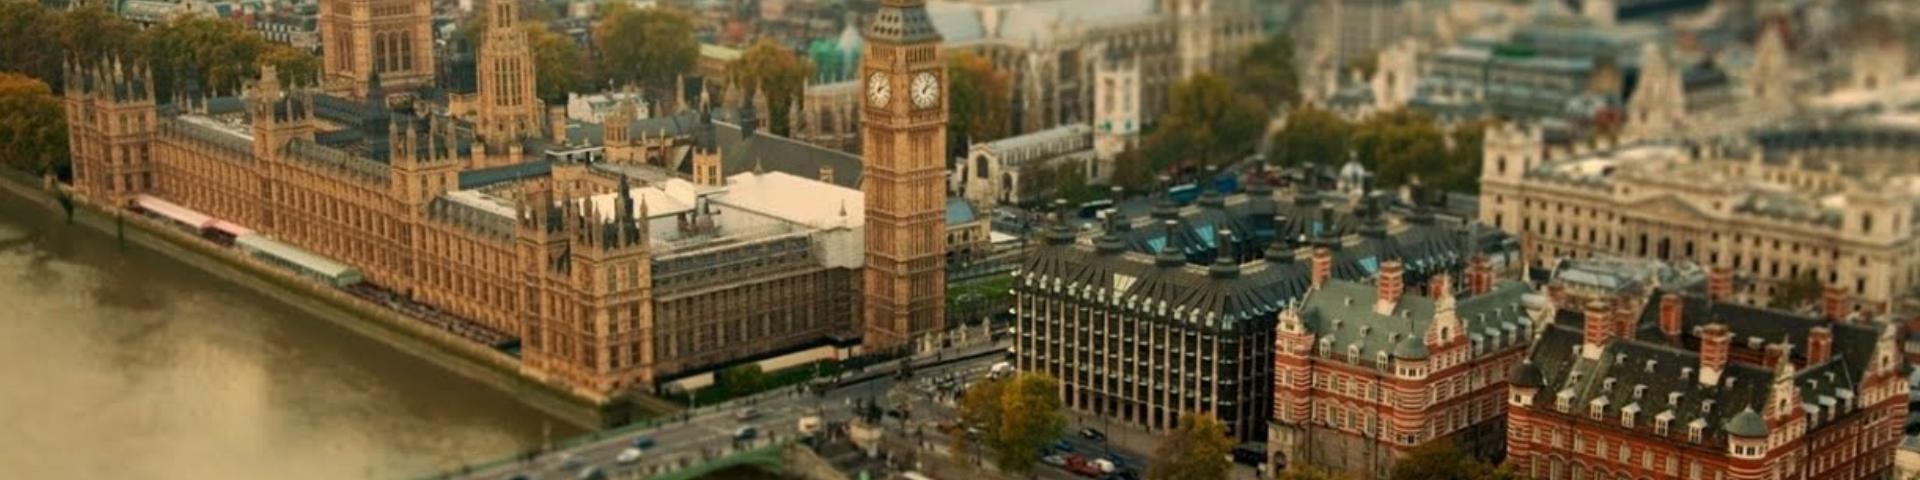 Британская компания GVC предлагает запретить рекламу букмекеров